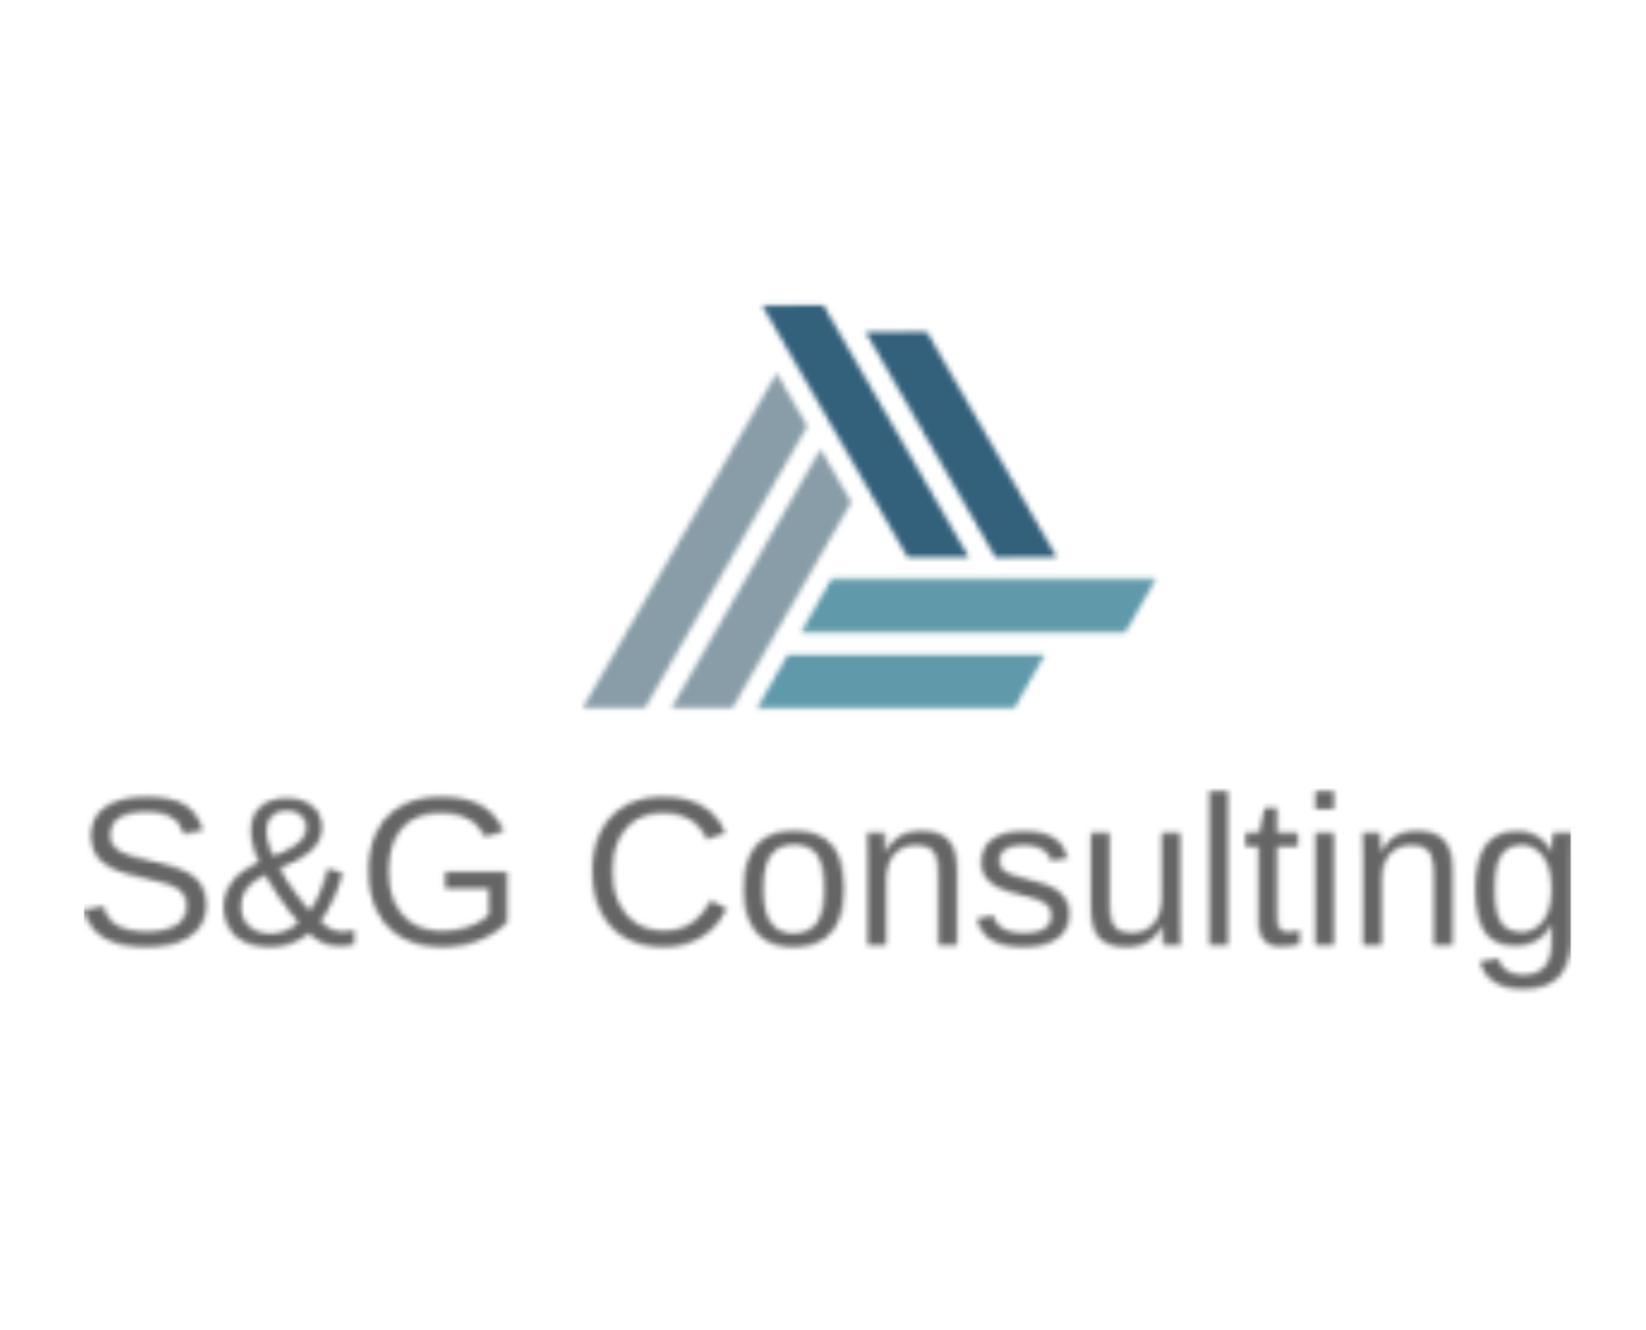 Logo S&G